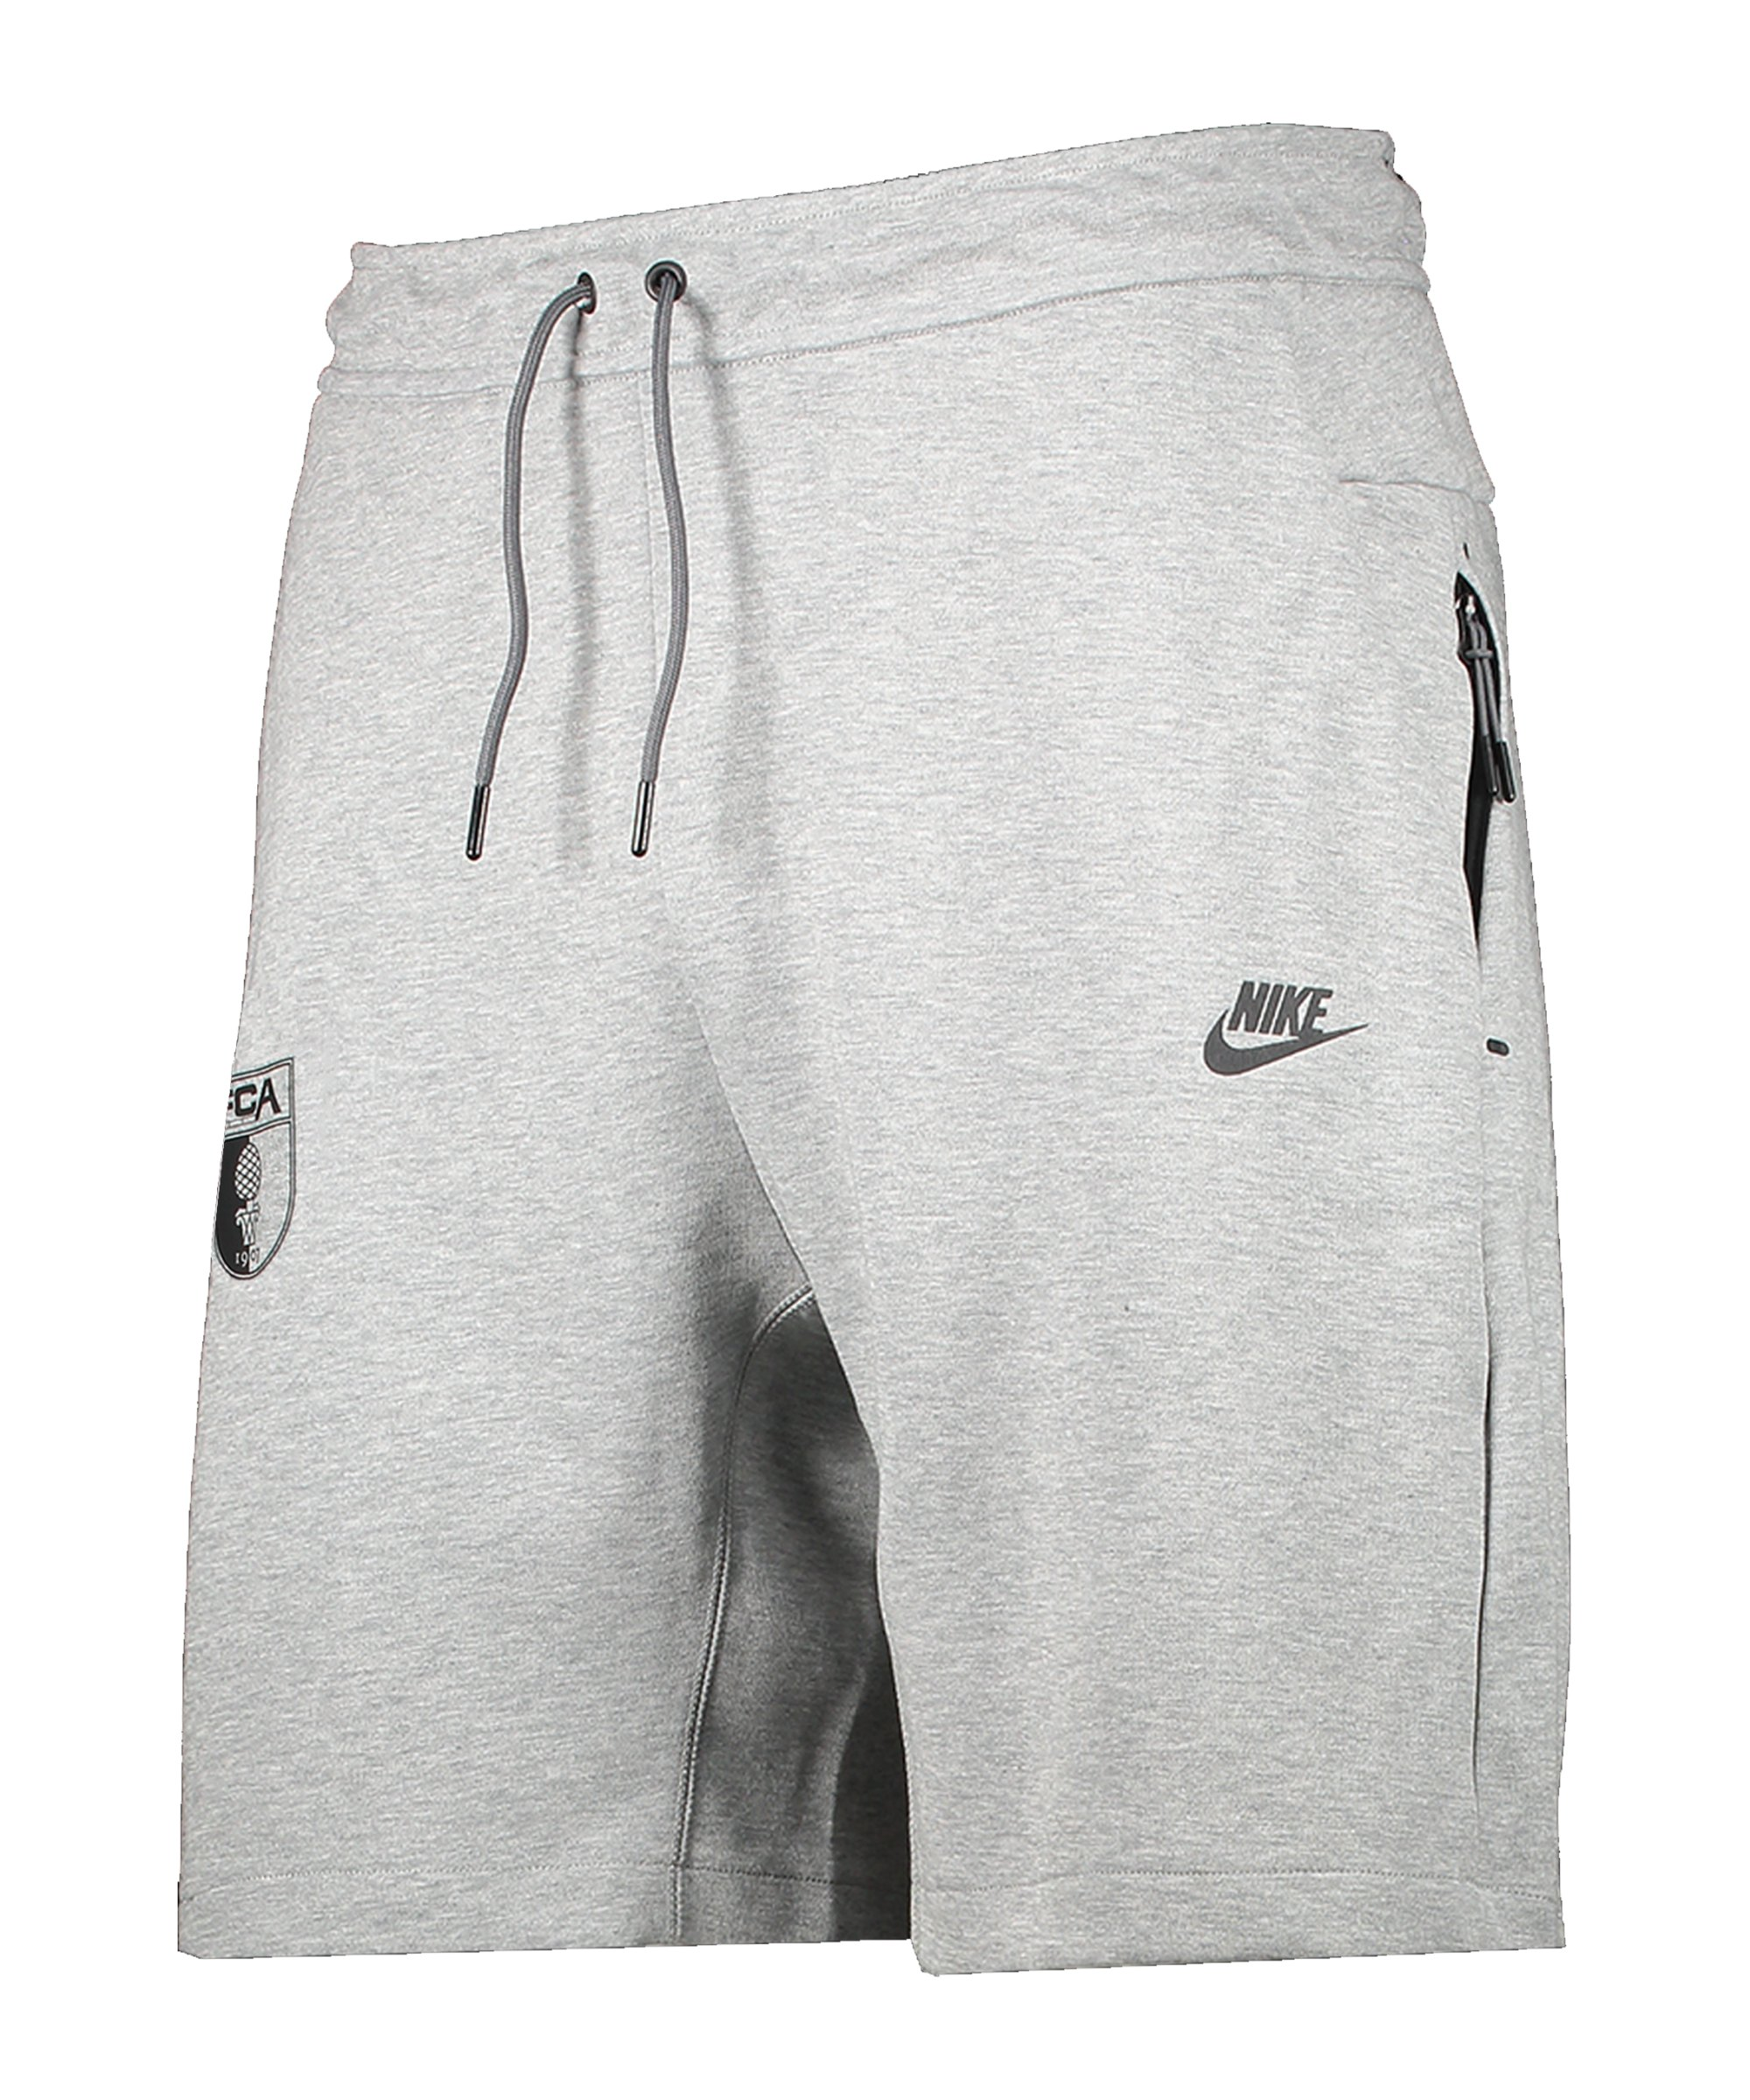 Nike FC Augsburg Fleece Short Grau F063 - grau